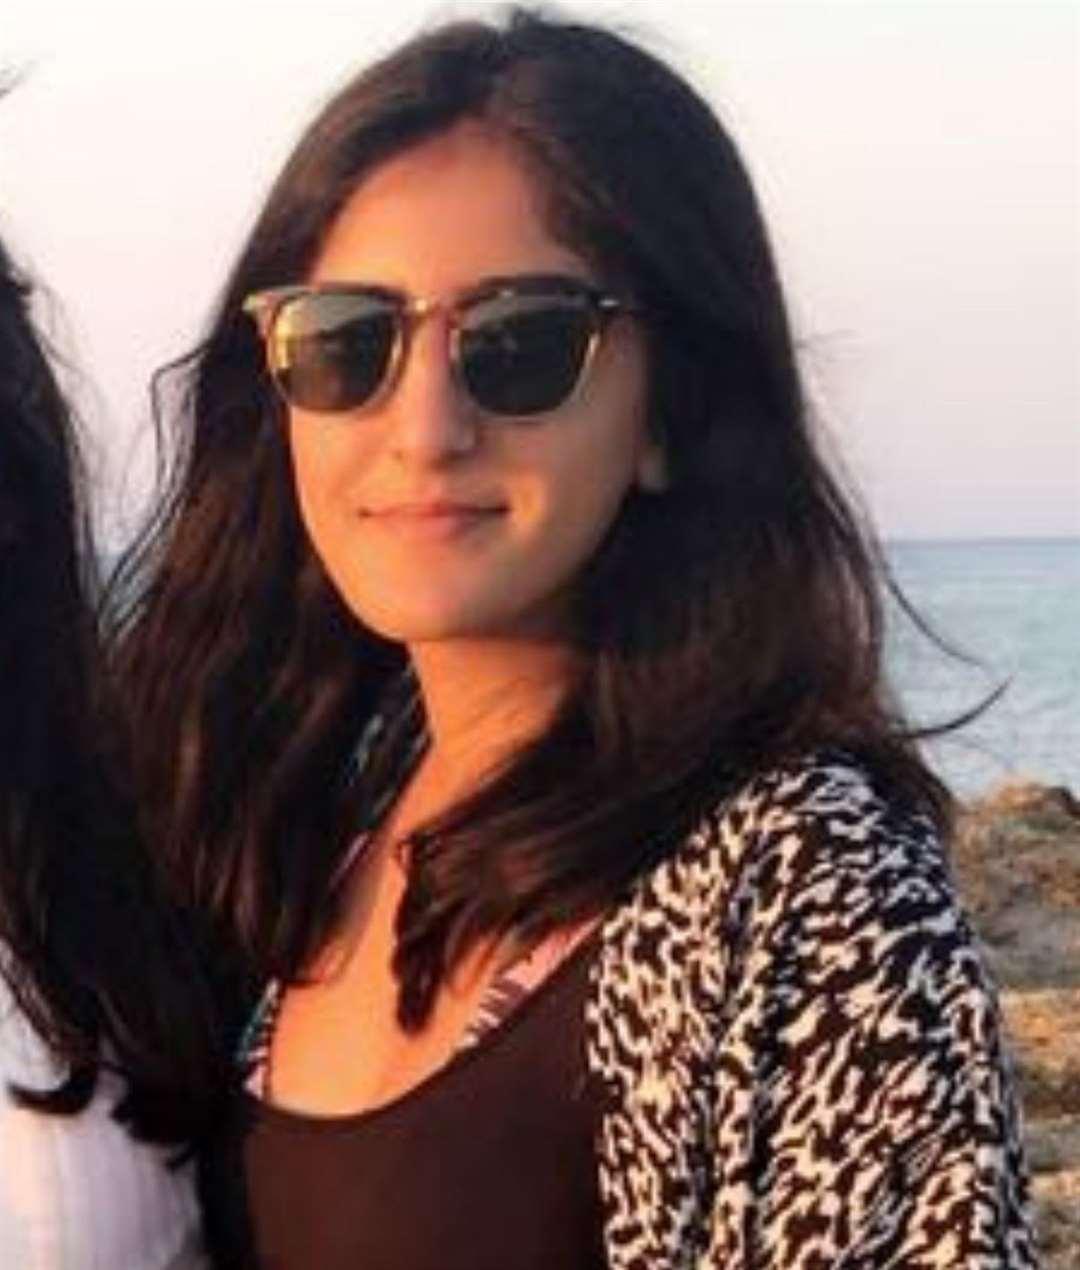 Amandeep Bains, 23